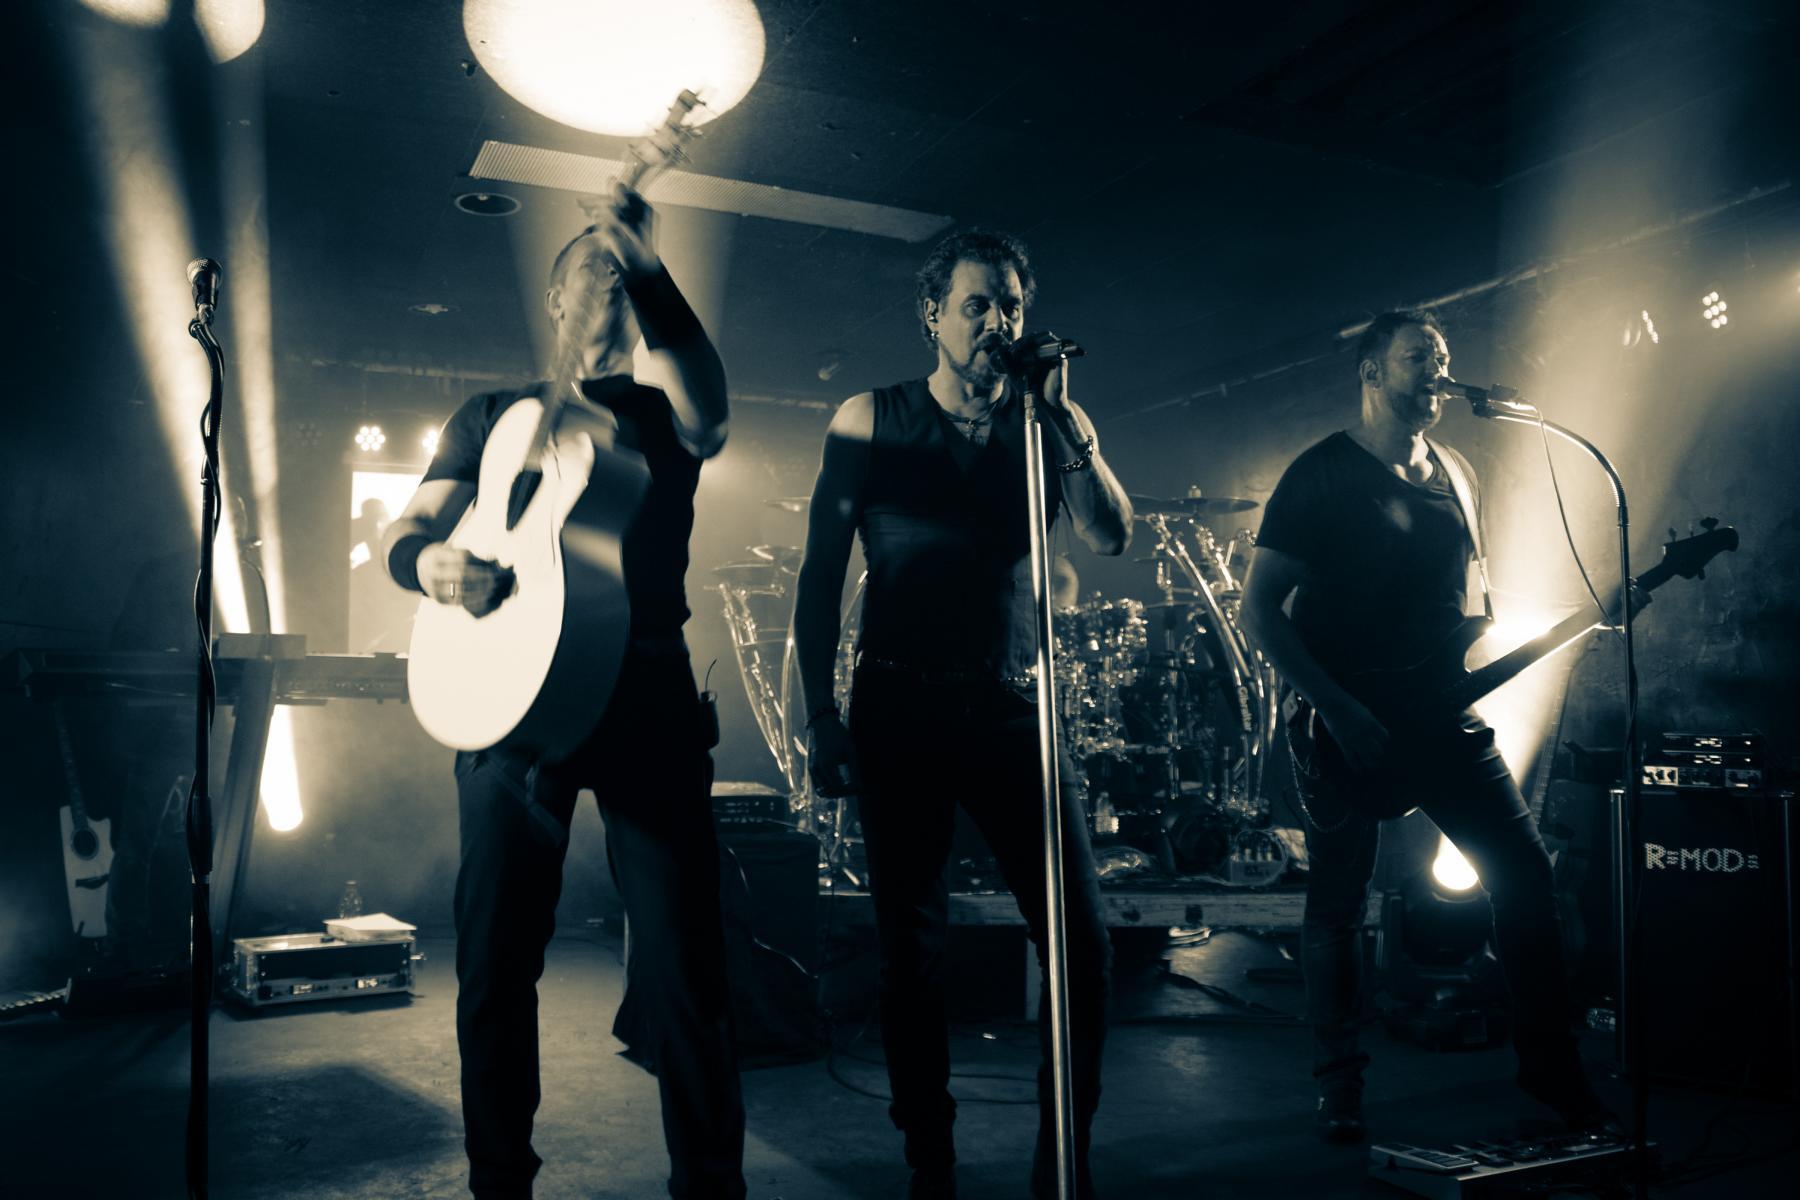 REMODE – Die Musik von Depeche Mode